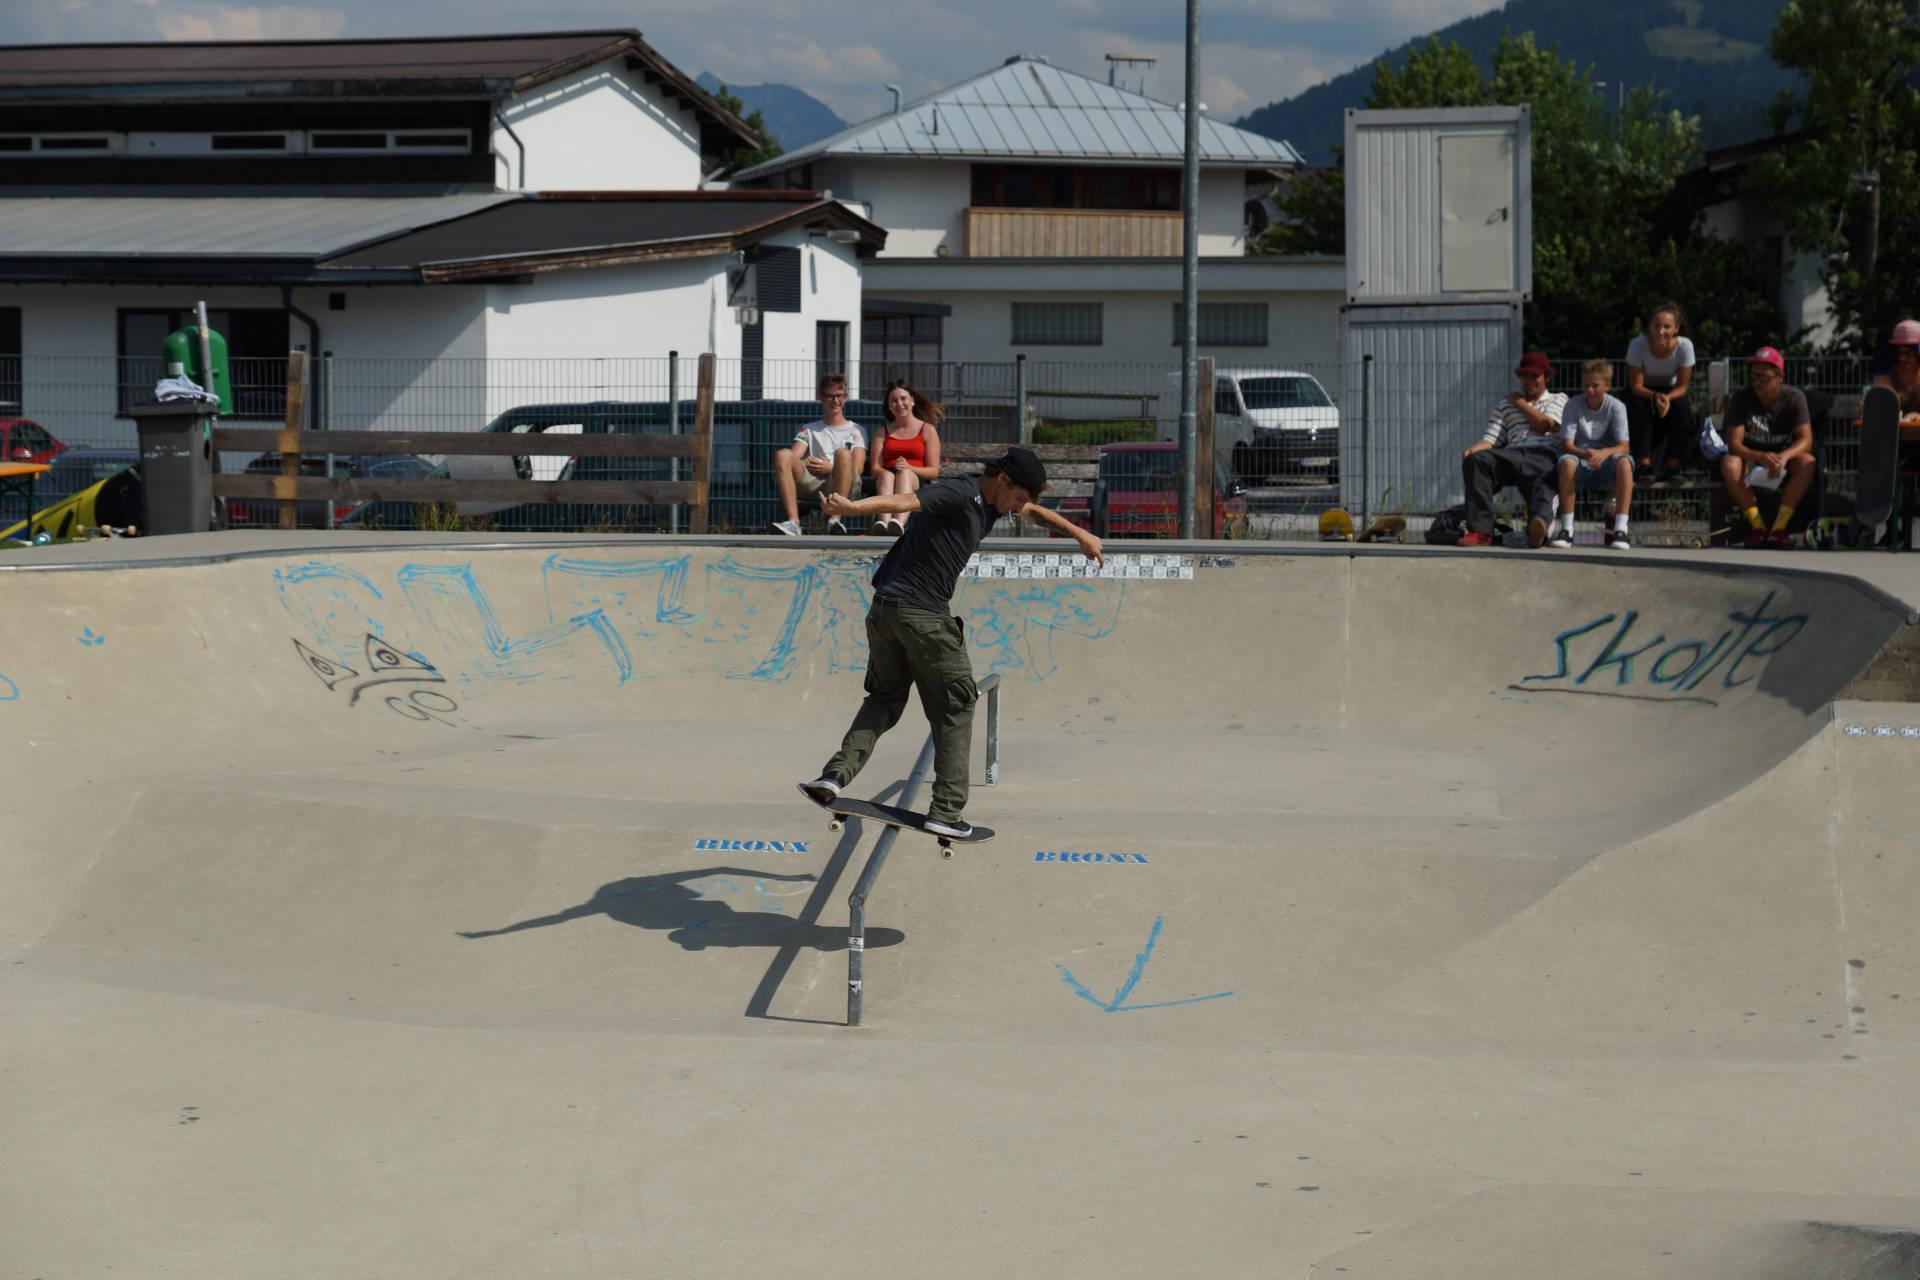 skateboardheadz st johann in tirol kgt 2019 finale 00069